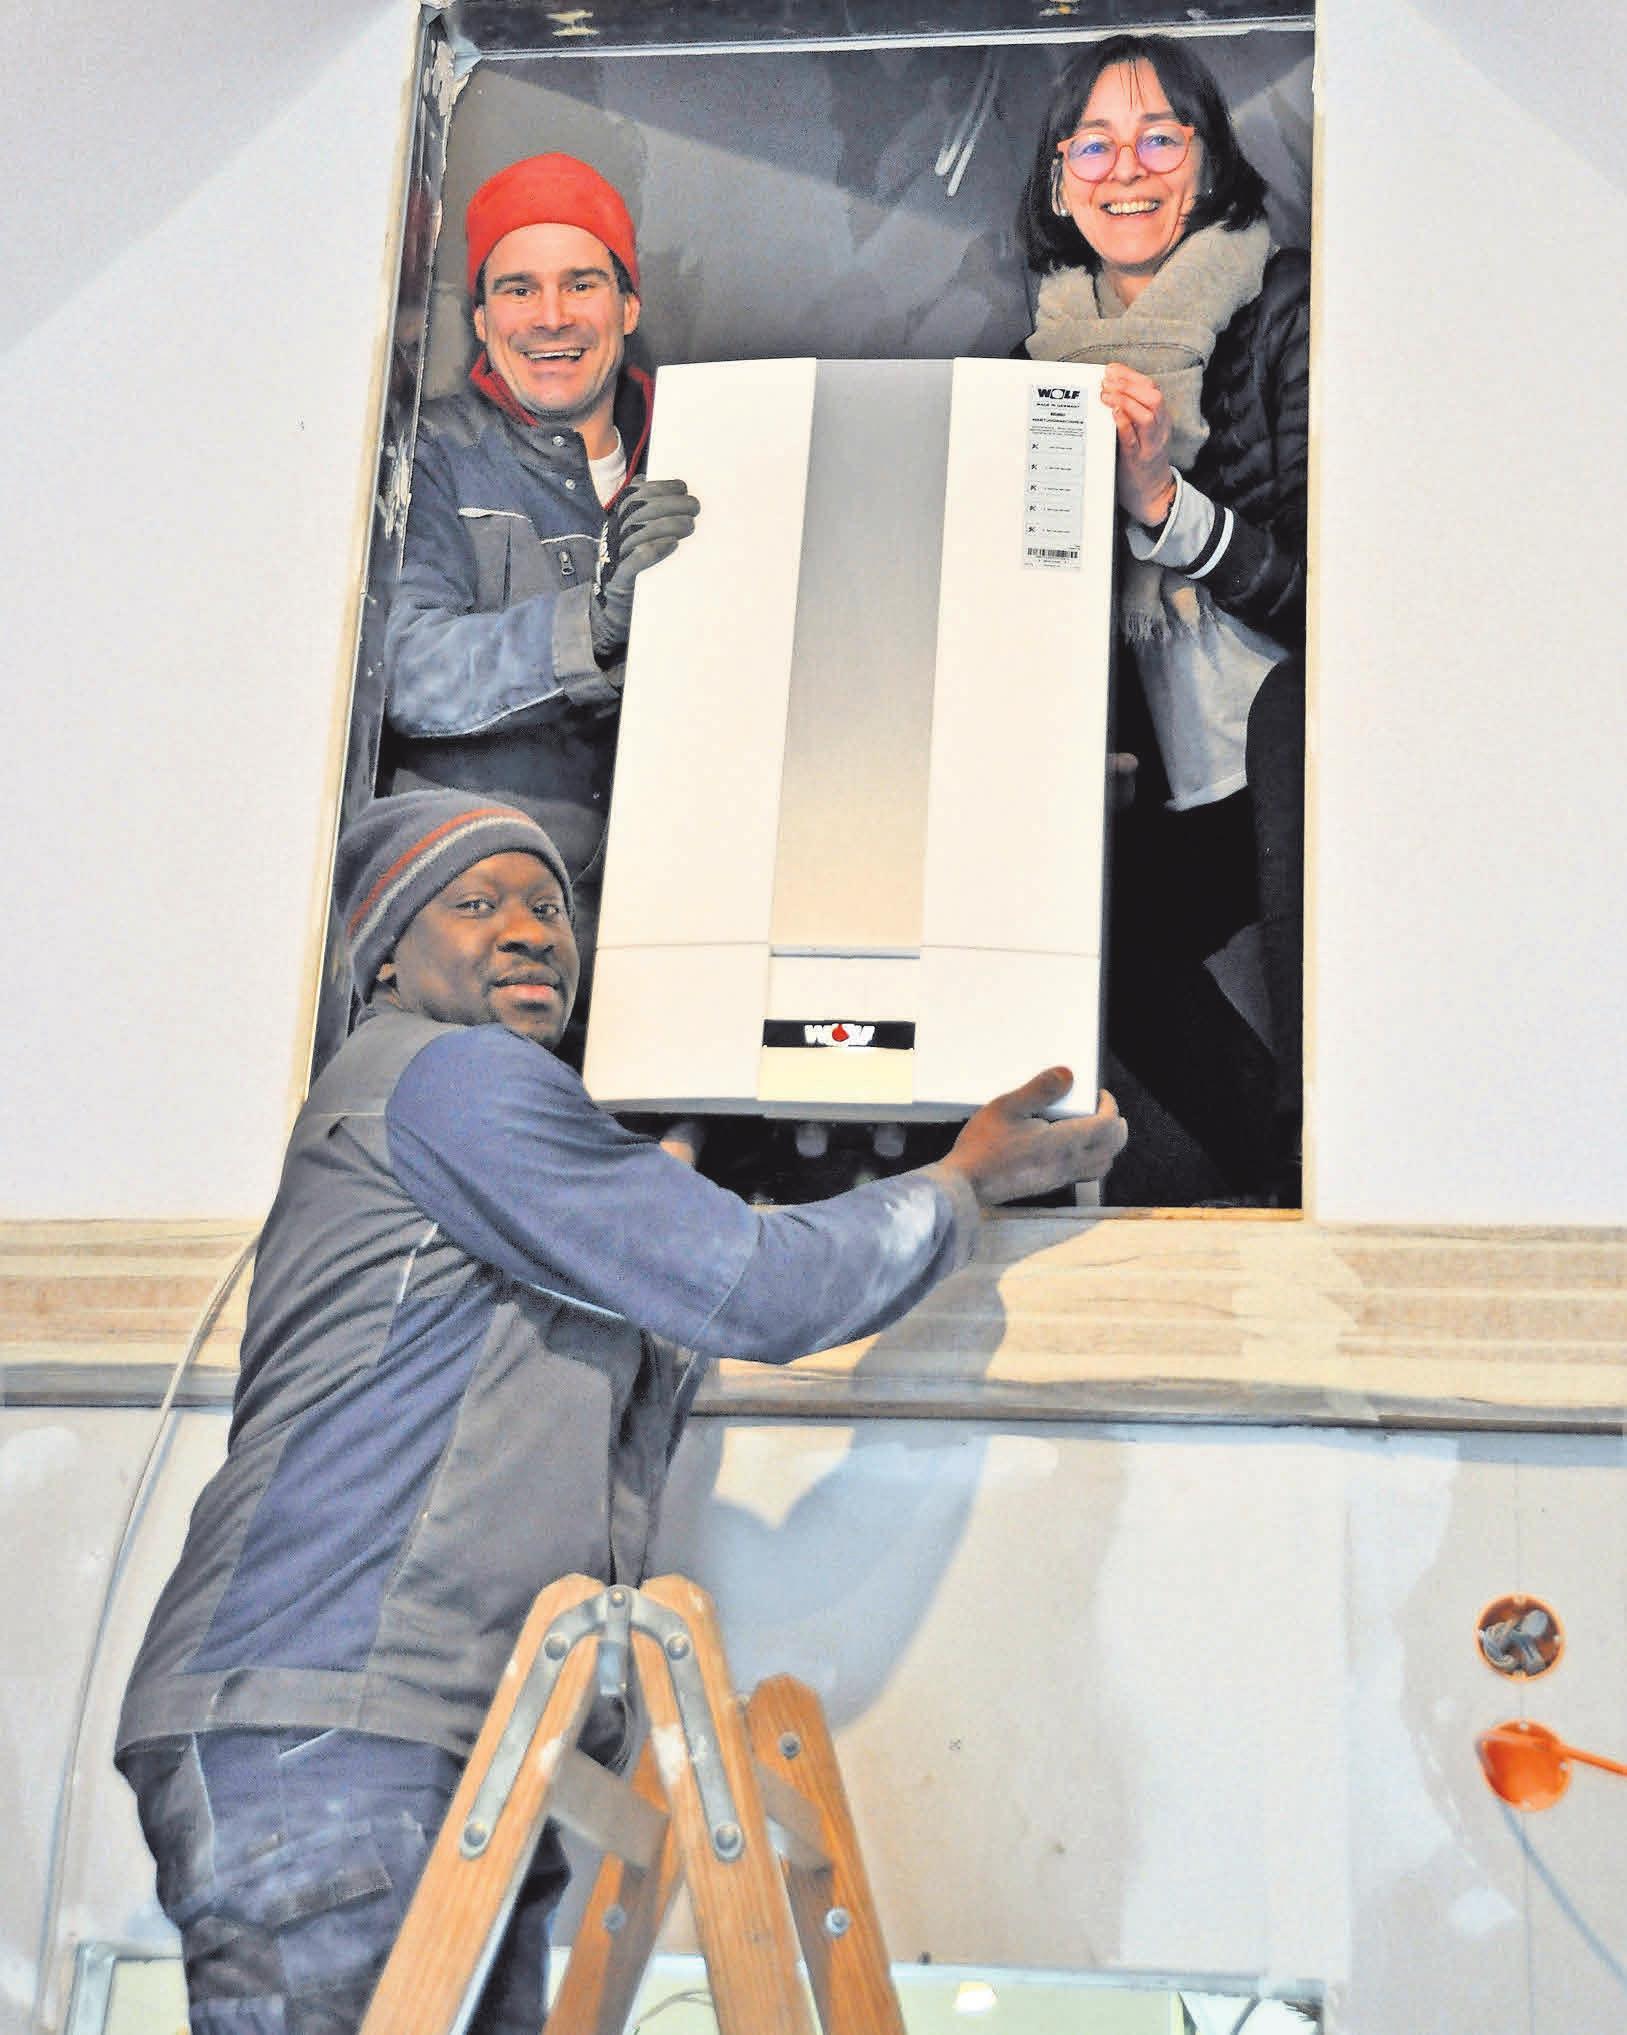 Astrid Dodenhoff packt tatkräftig mit an, als Volker Hielscher (oben) und Alain Idado die neue Heizung auf den Dachboden heben. Aktuell sind die Mitarbeiter der Firma Heitmüller dabei, diverse Heizungsrohre im alten Feuerwehrgerätehaus zu verlegen.